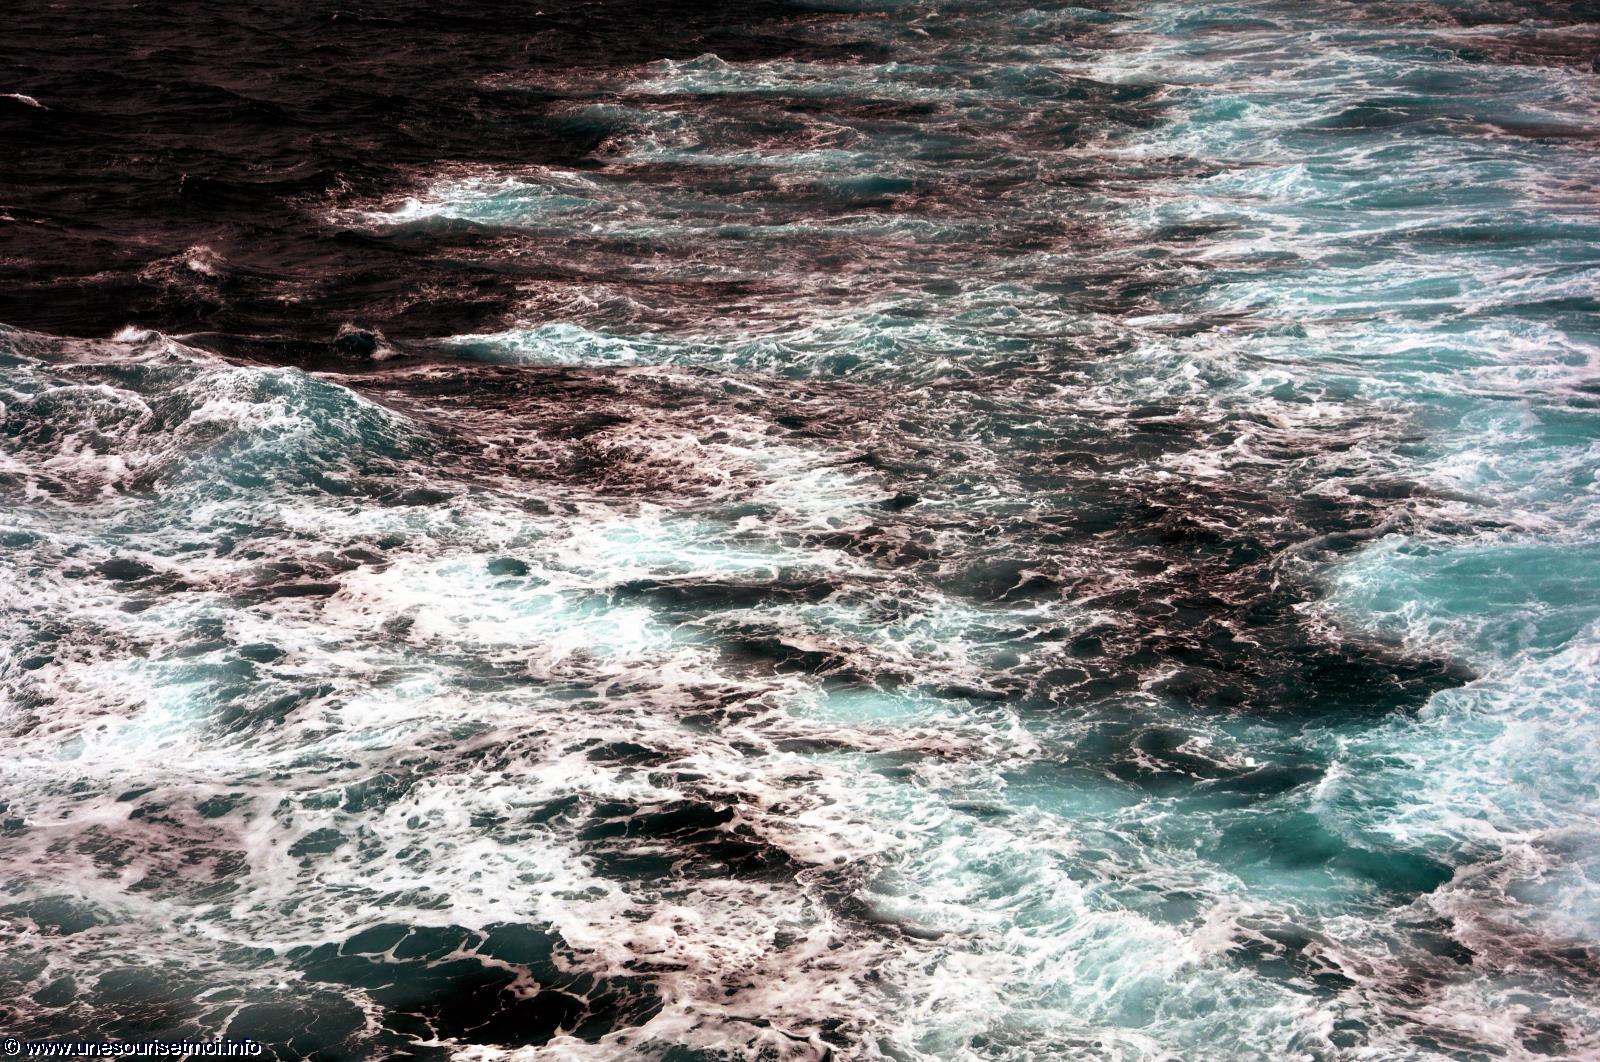 les_vagues_et_la_mer_photo-HD_02